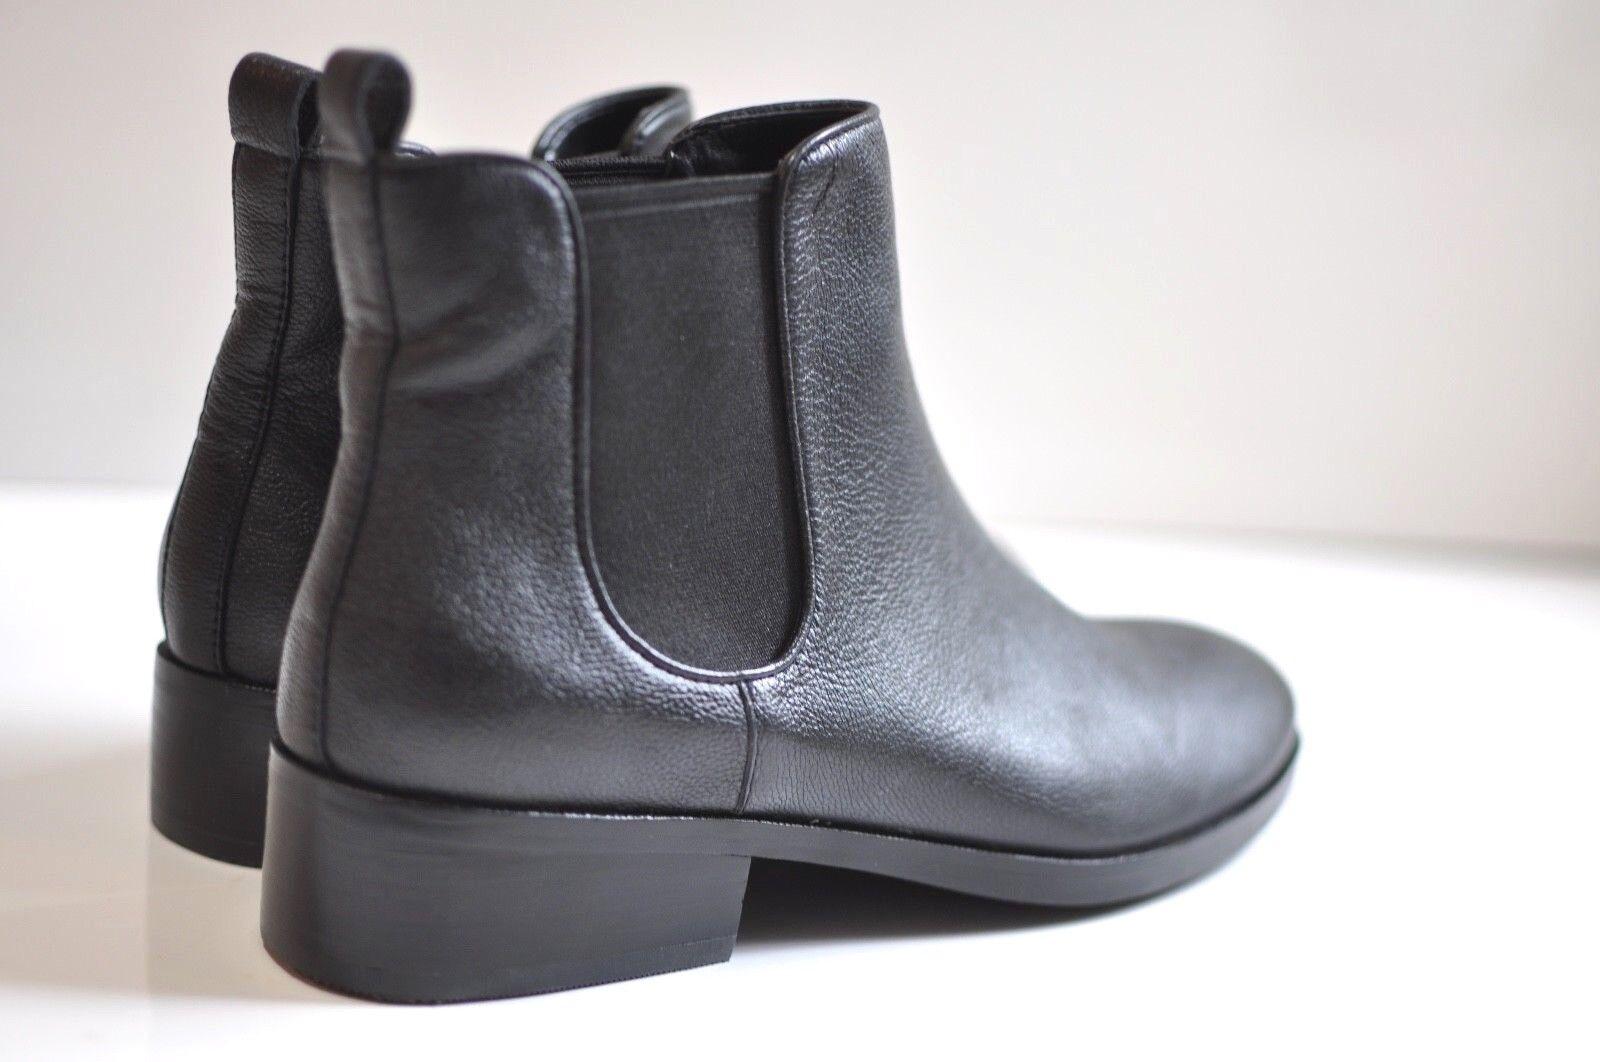 ti renderà soddisfatto Cole Haan Haan Haan donna leather stivali Dimensione 8 B  sconti e altro